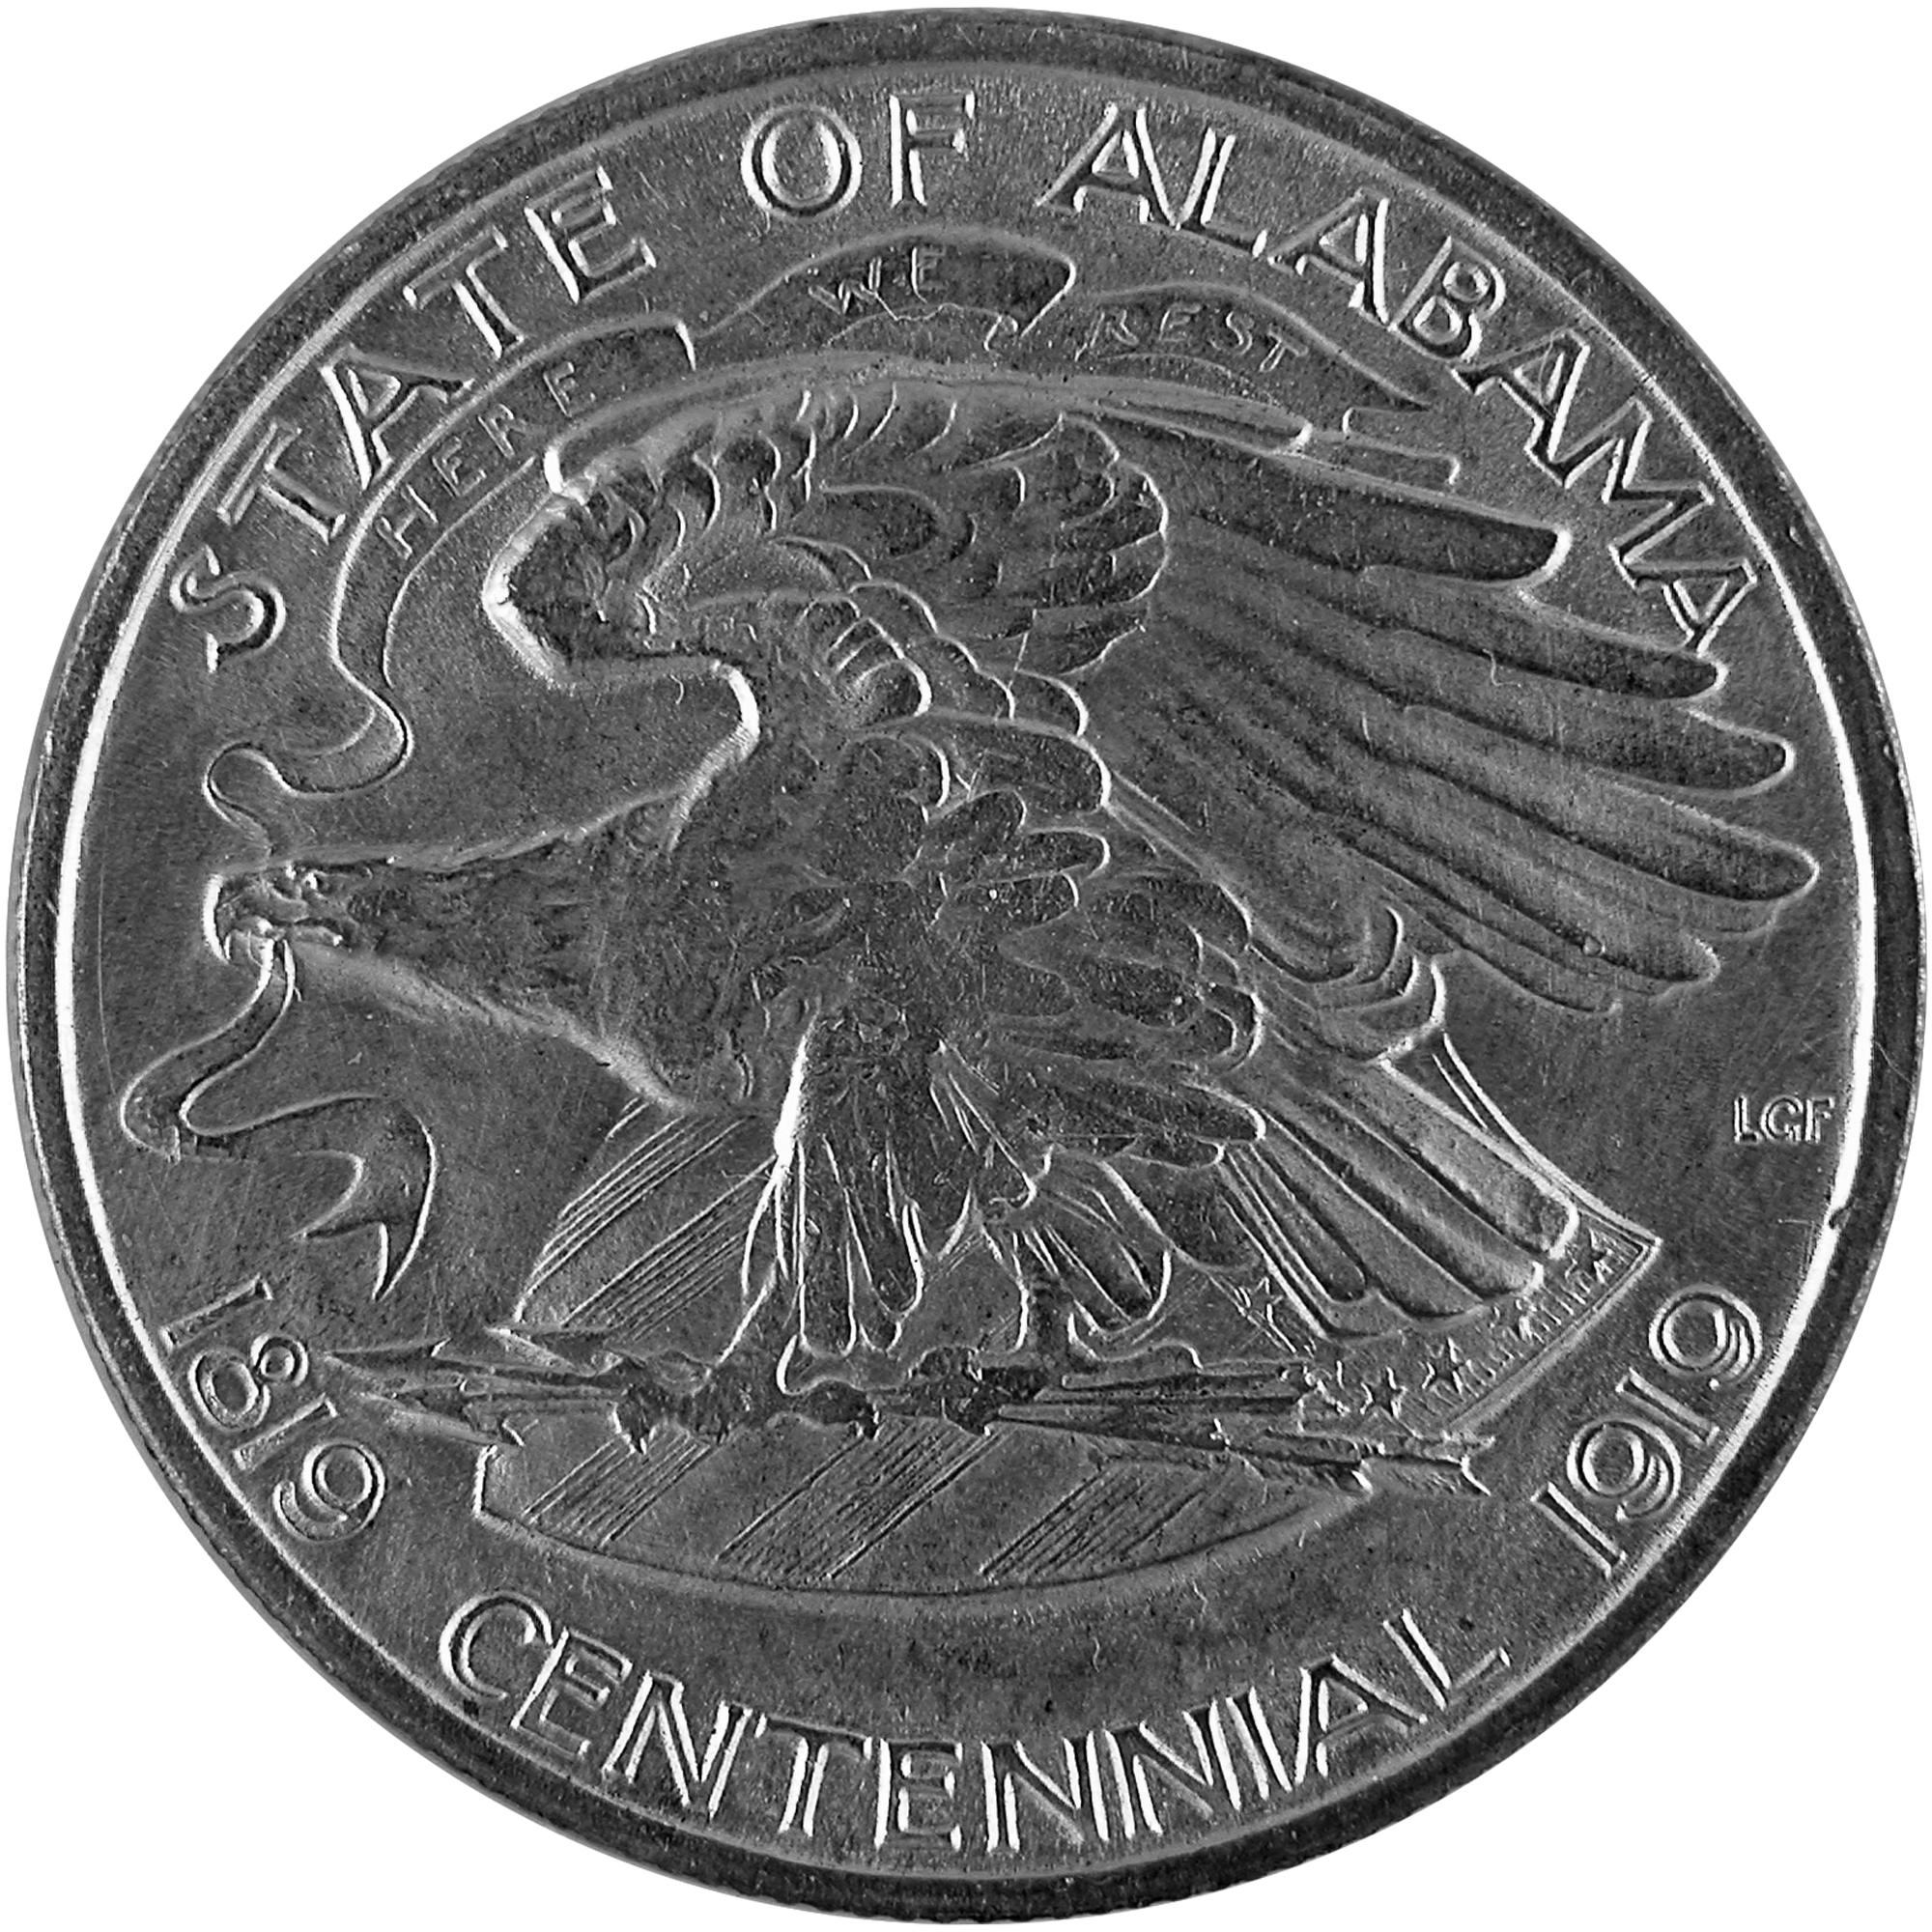 1921 Alabama Centennial Commemorative Silver Half Dollar Coin Reverse